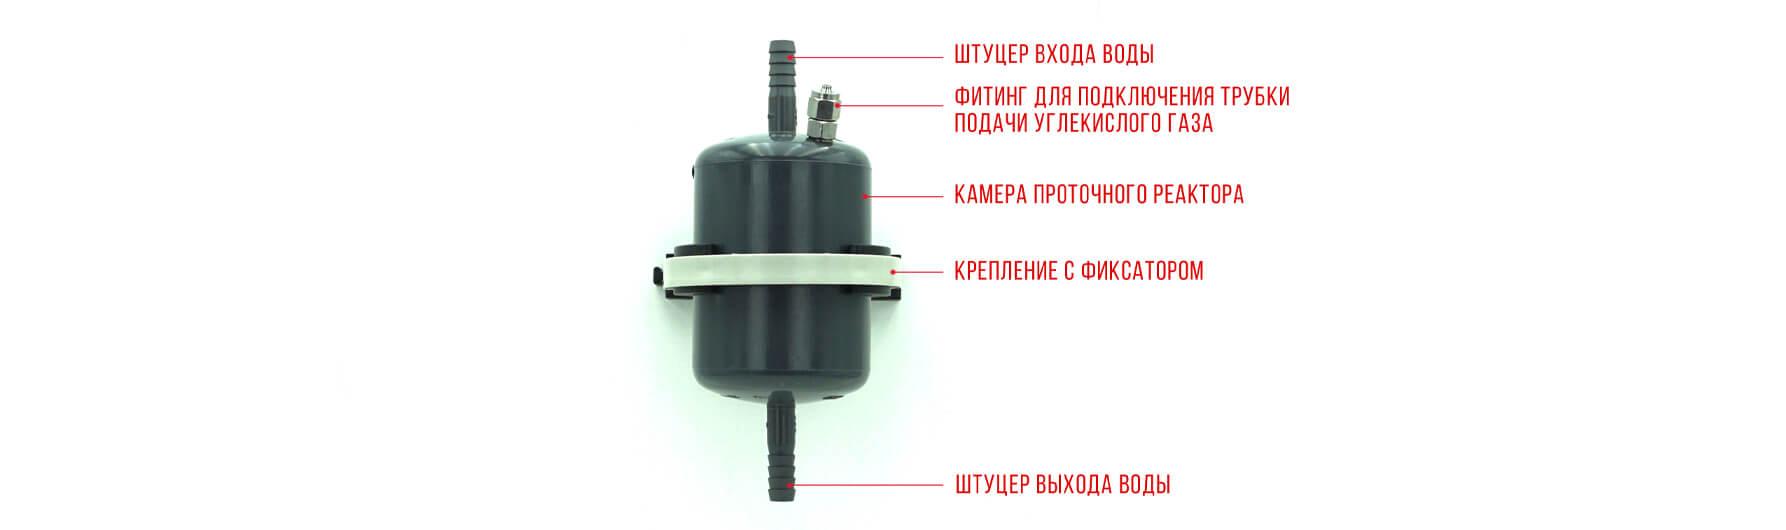 Реактор проточный для углекислого газа в аквариуме